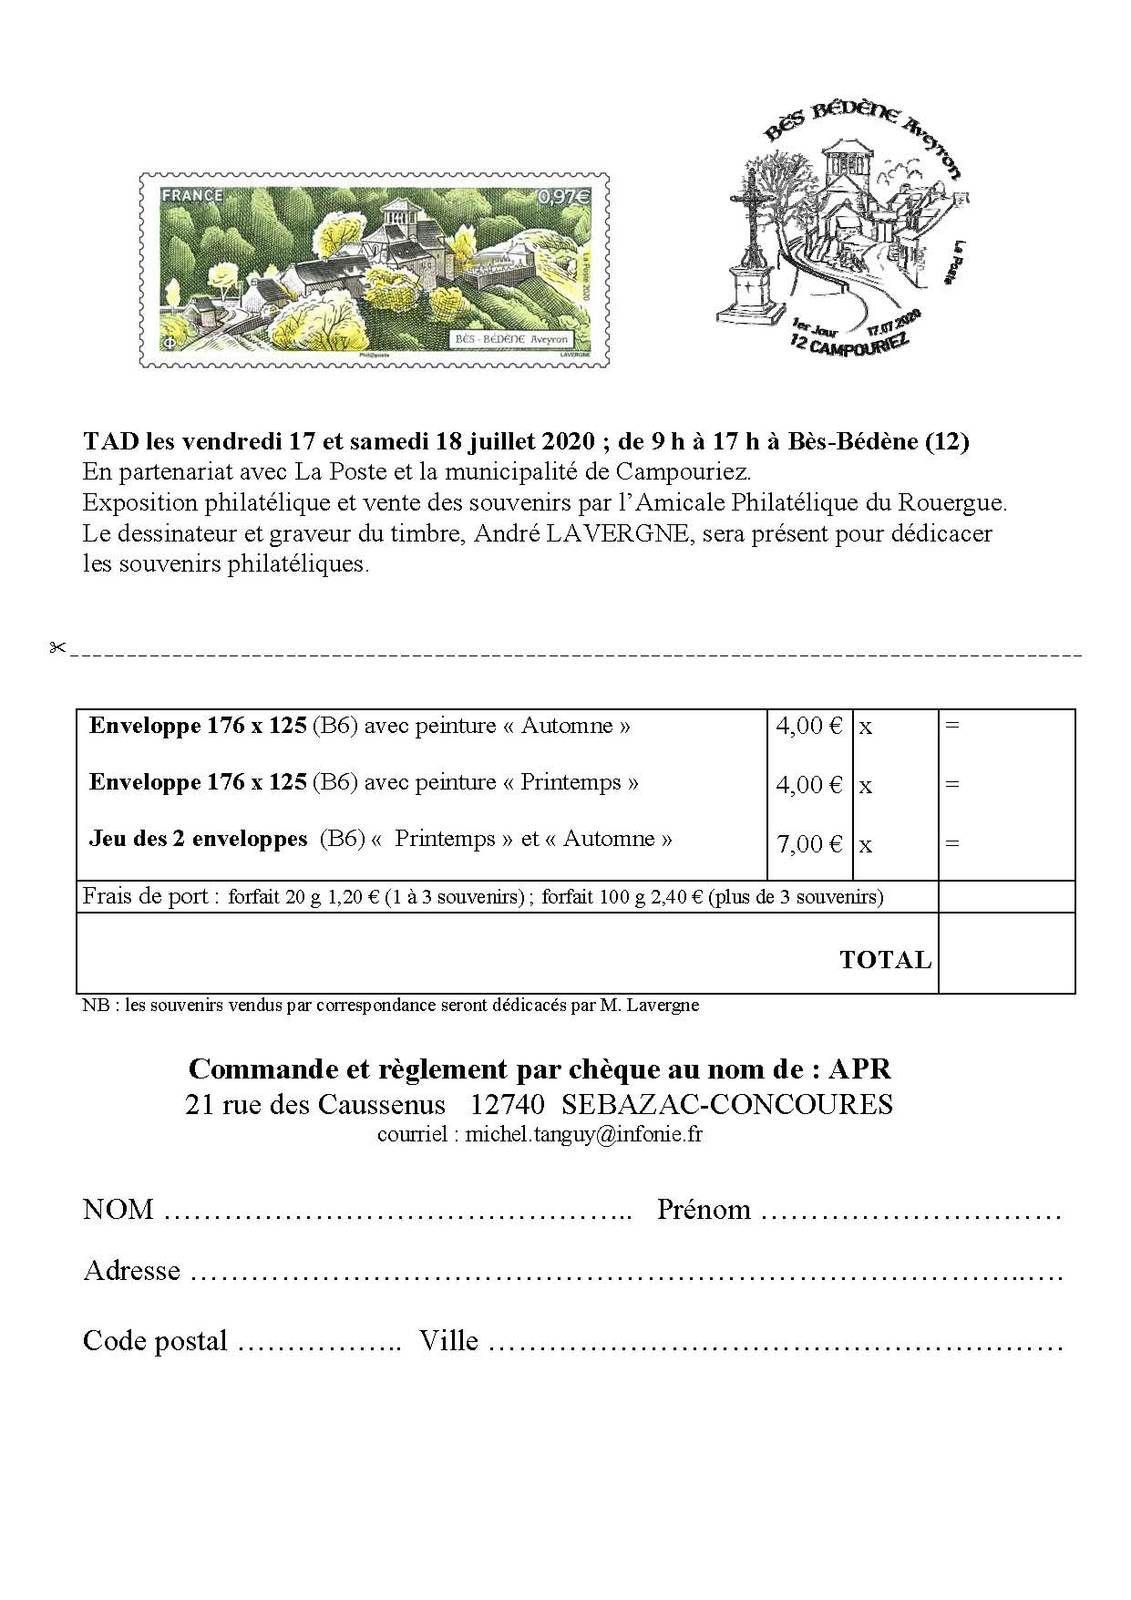 """Enveloppes souvenirs """"Bès-Bedène"""""""